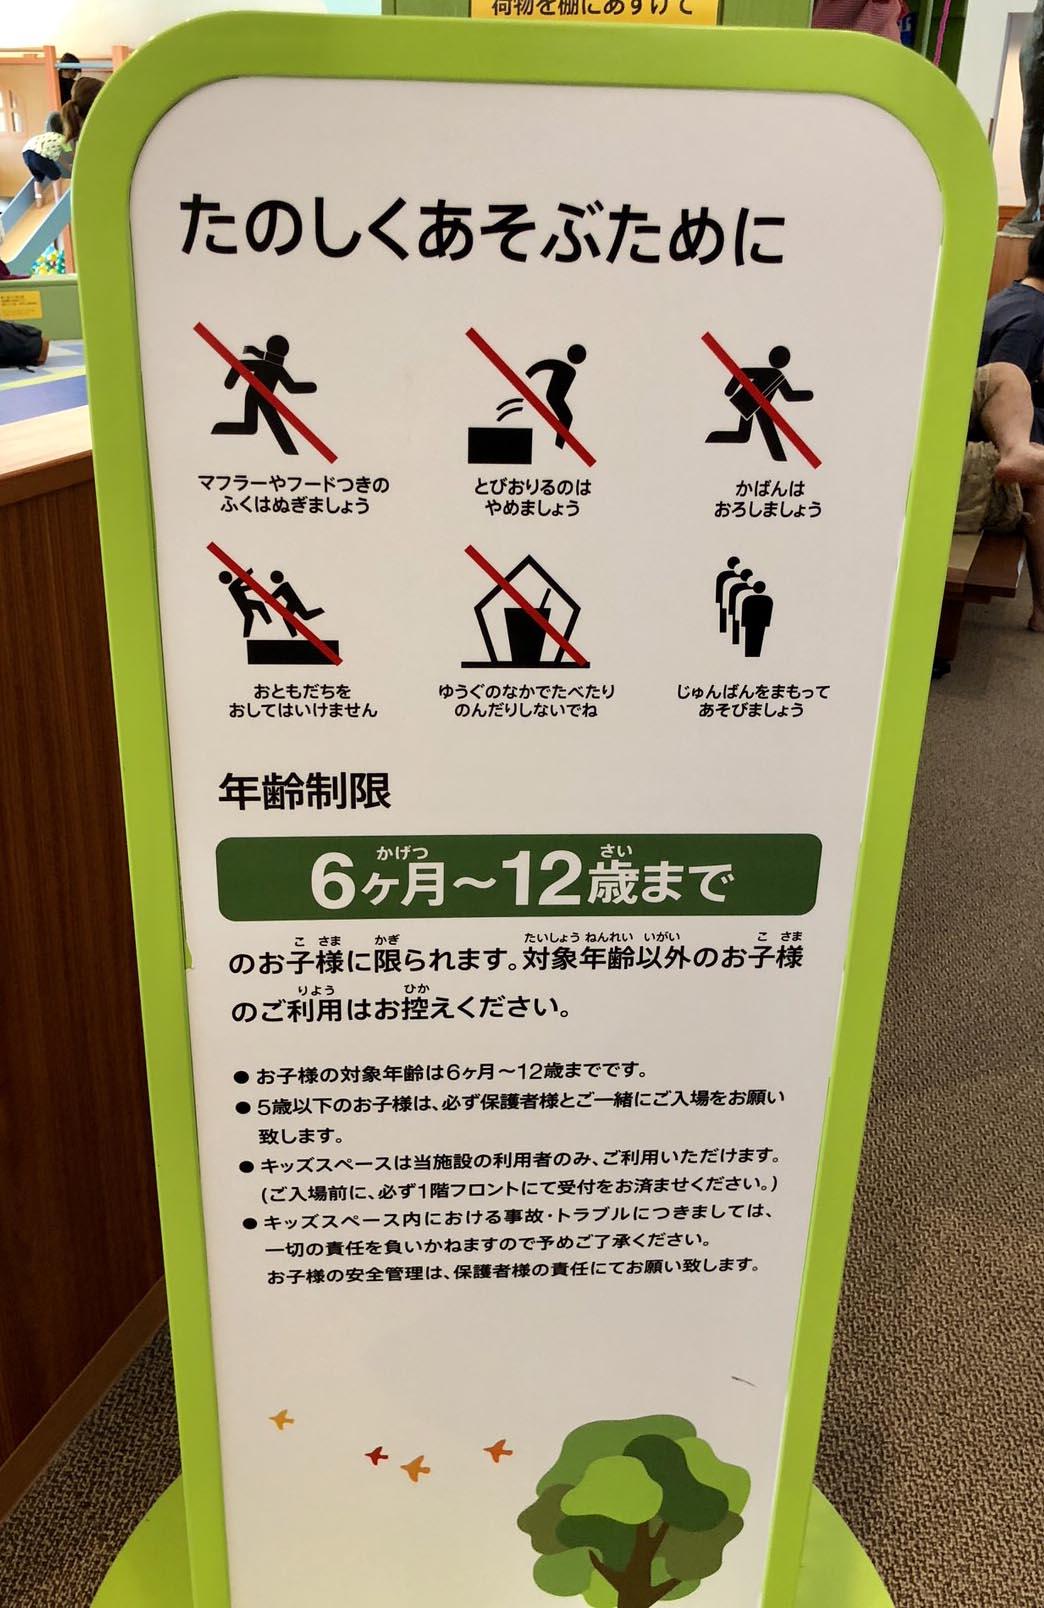 中津川子供の遊び場クリキッパの注意事項